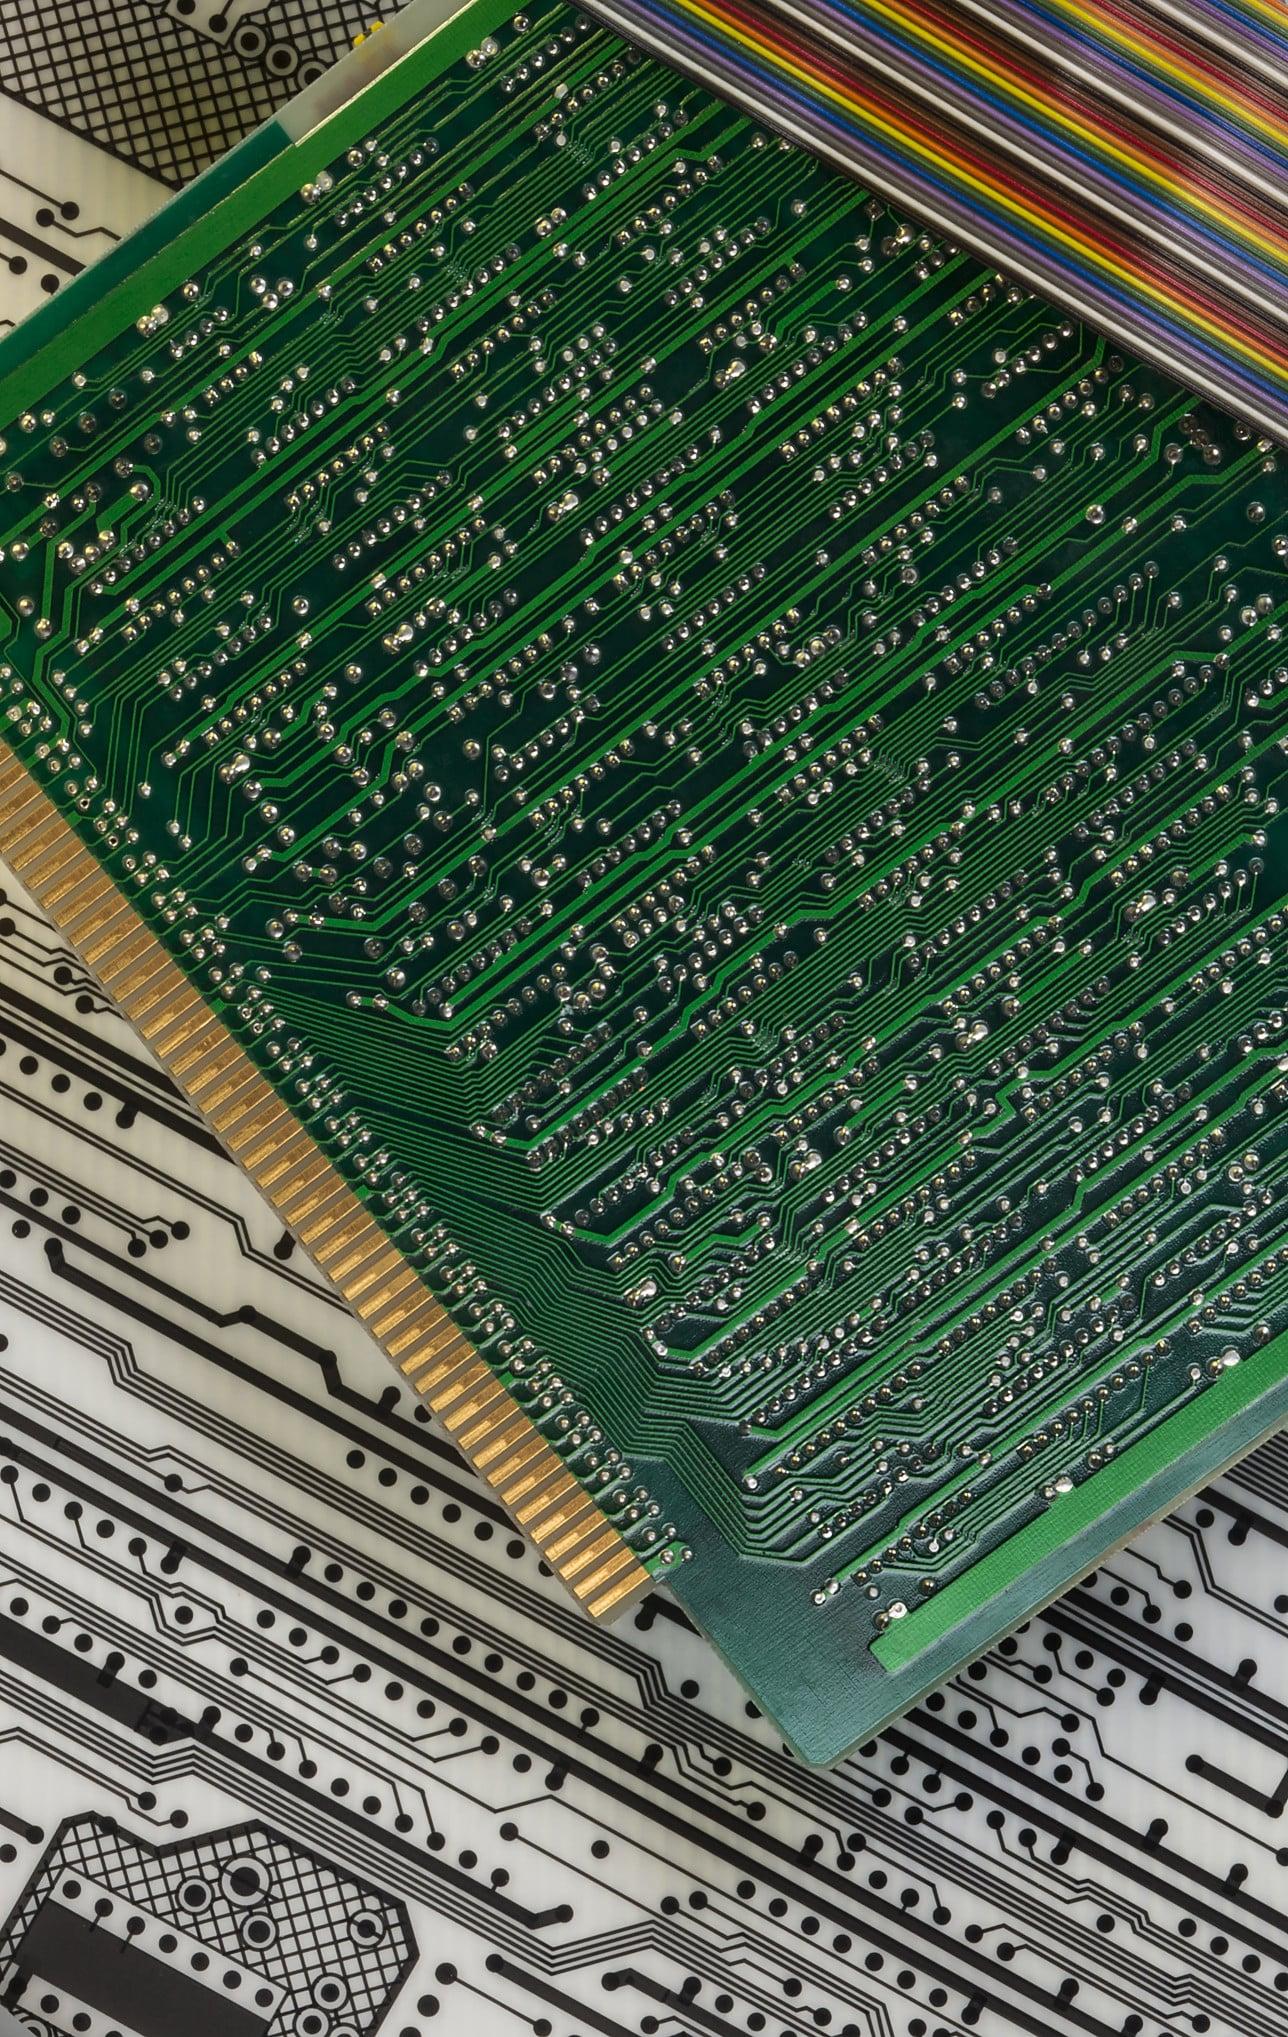 electronics design pcb